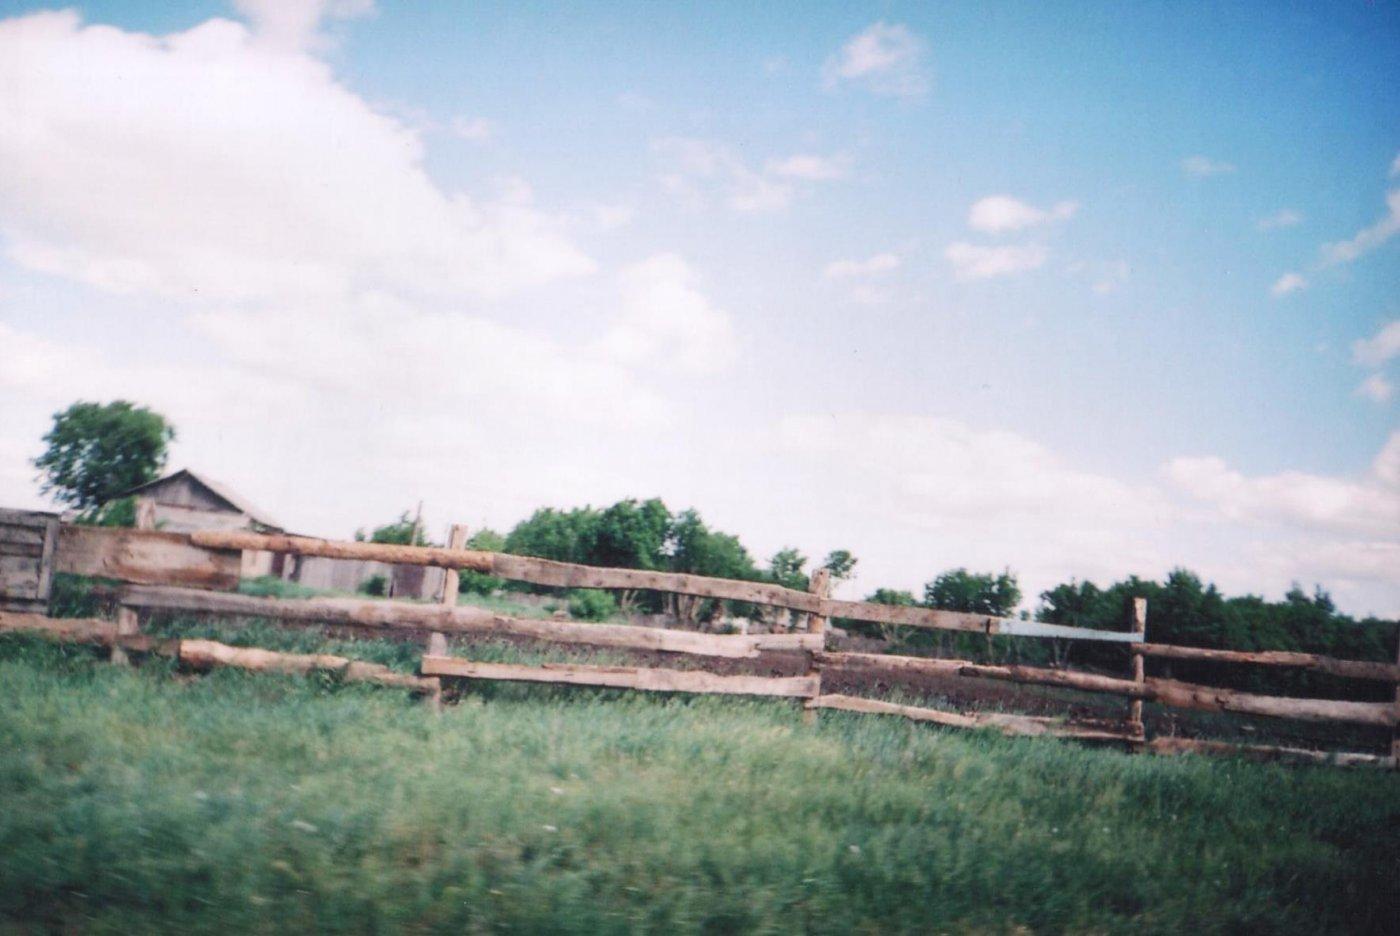 Фото курдай 035.jpg. Казахстан, Северо-Казахстанская область, A-16